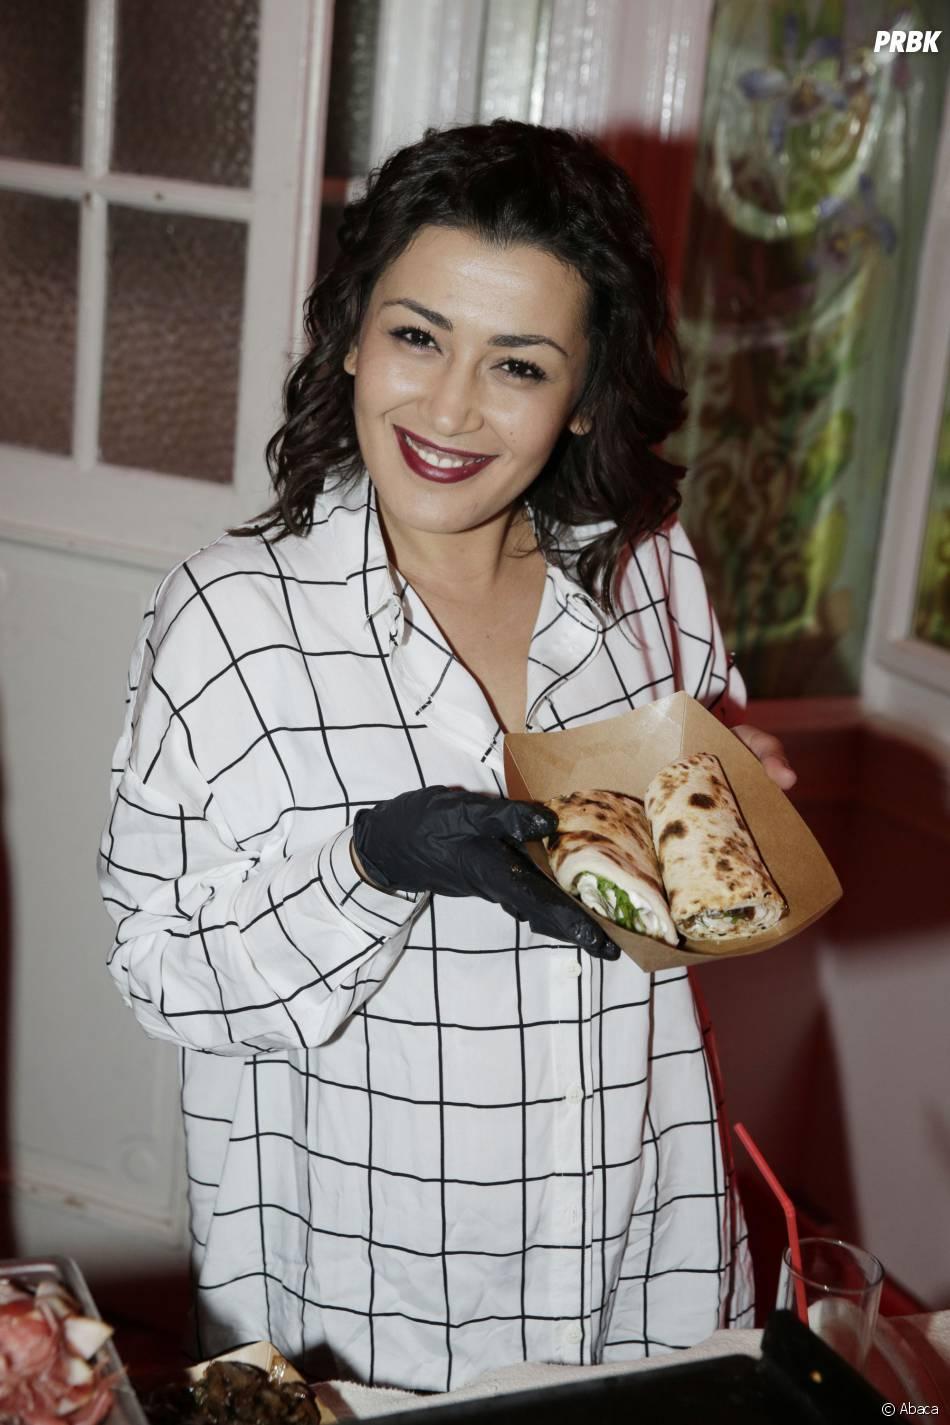 Karima Charni participe à la Street Food Party au profit de l'association Cé ke du bonheur le 11 mars 2016